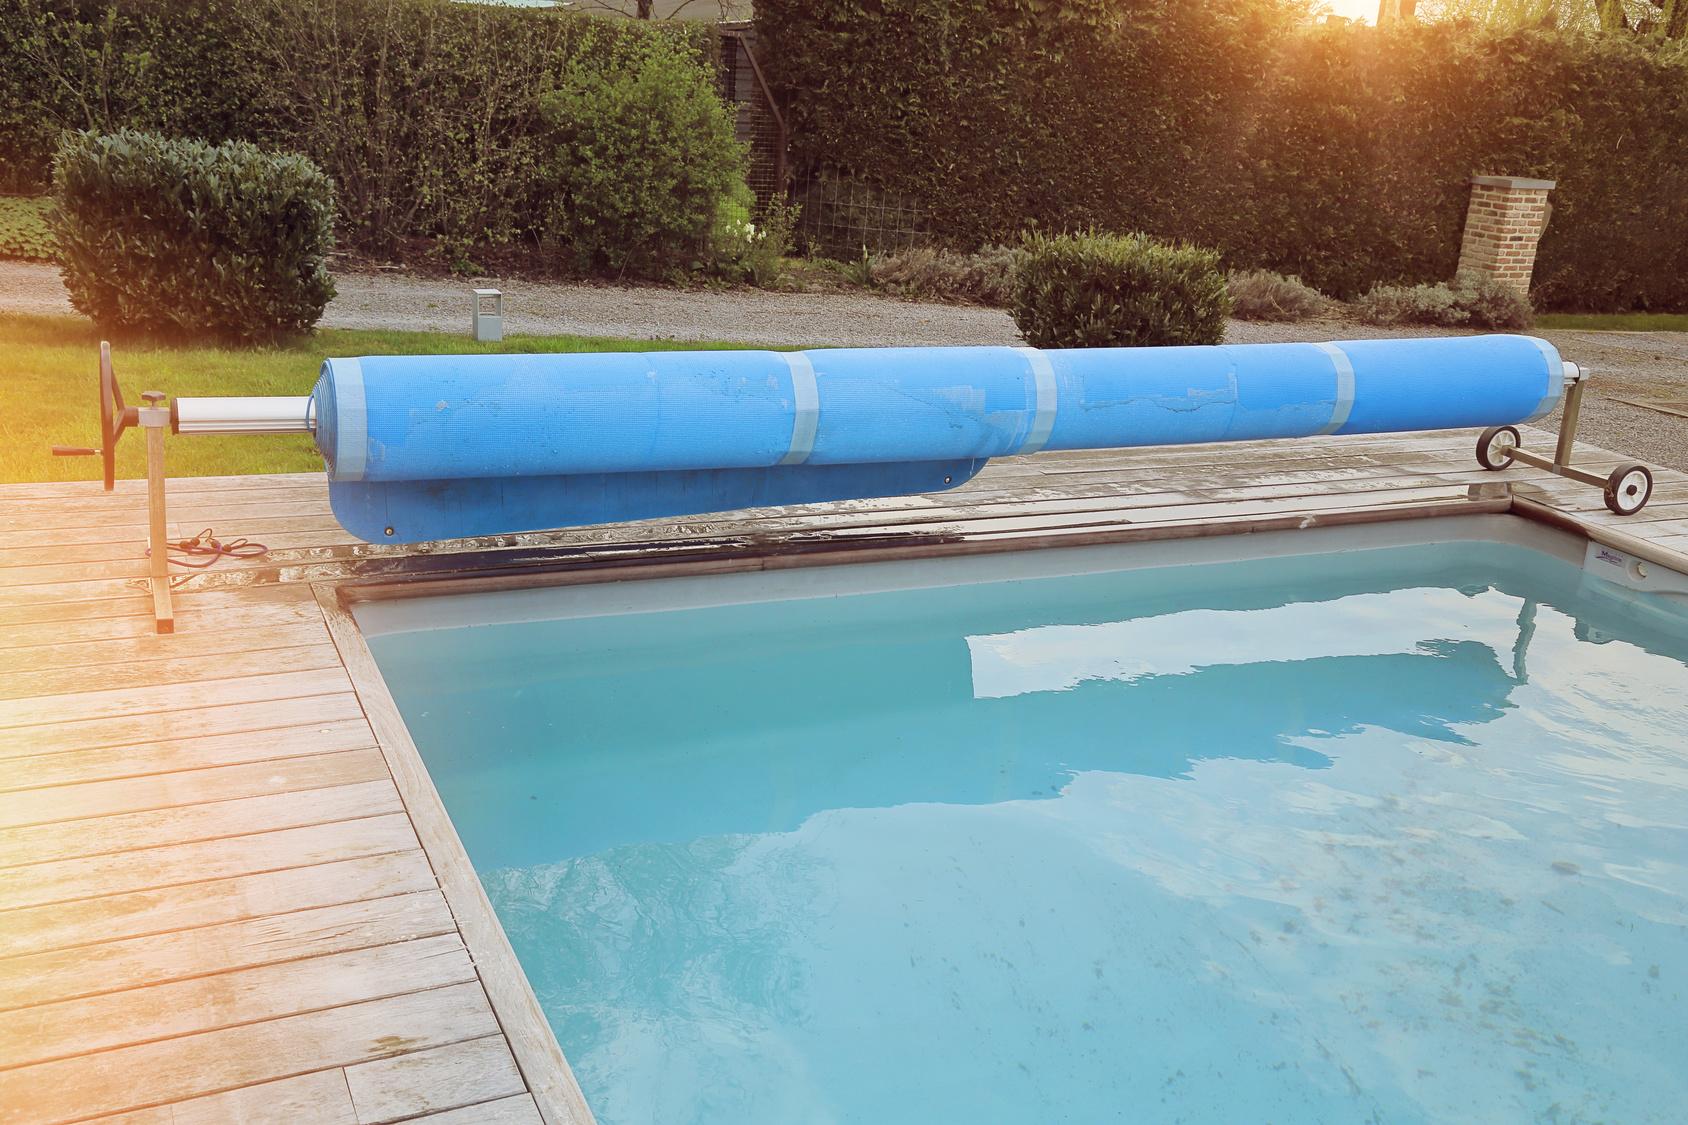 Mantenimiento de piscinas lona invierno construcci n for Mantenimiento de piscinas